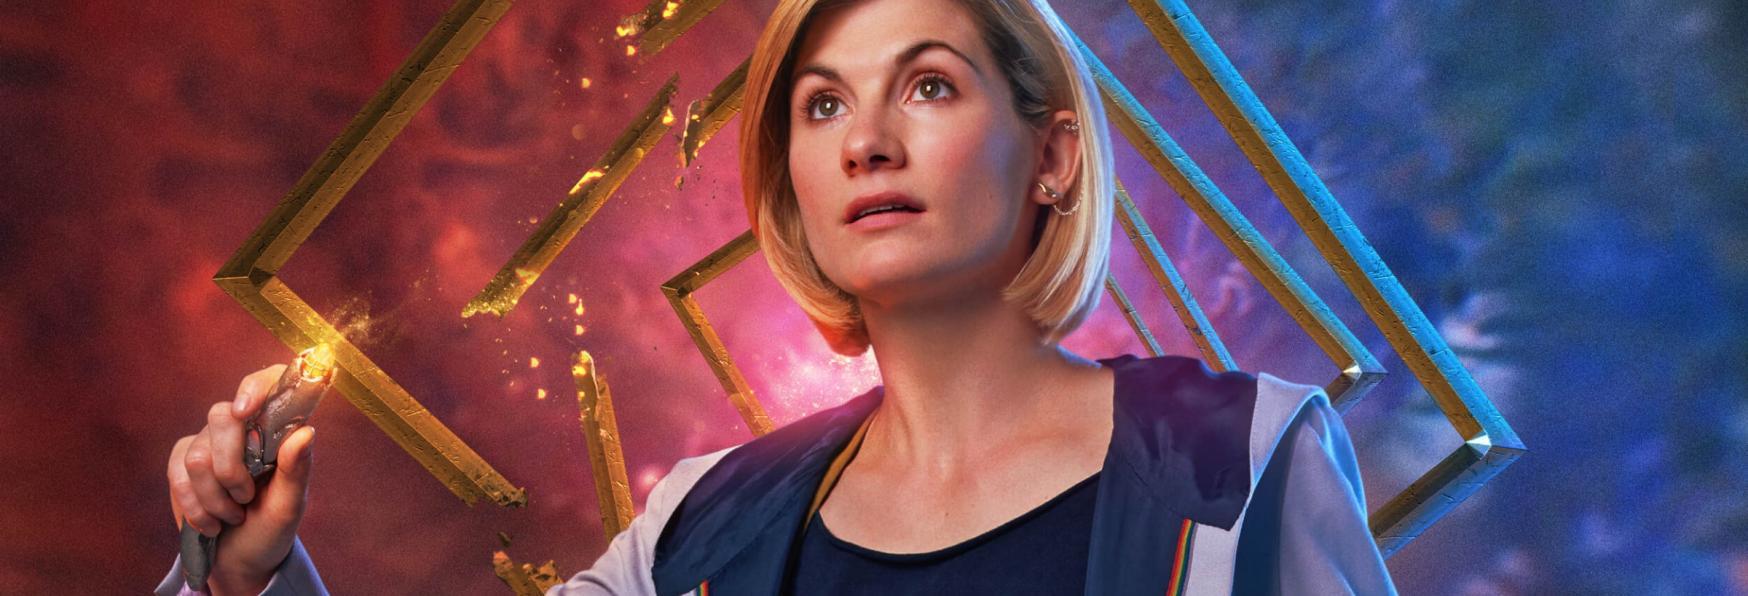 Doctor Who: il Dottore manda un Messaggio di Speranza per il Coronavirus